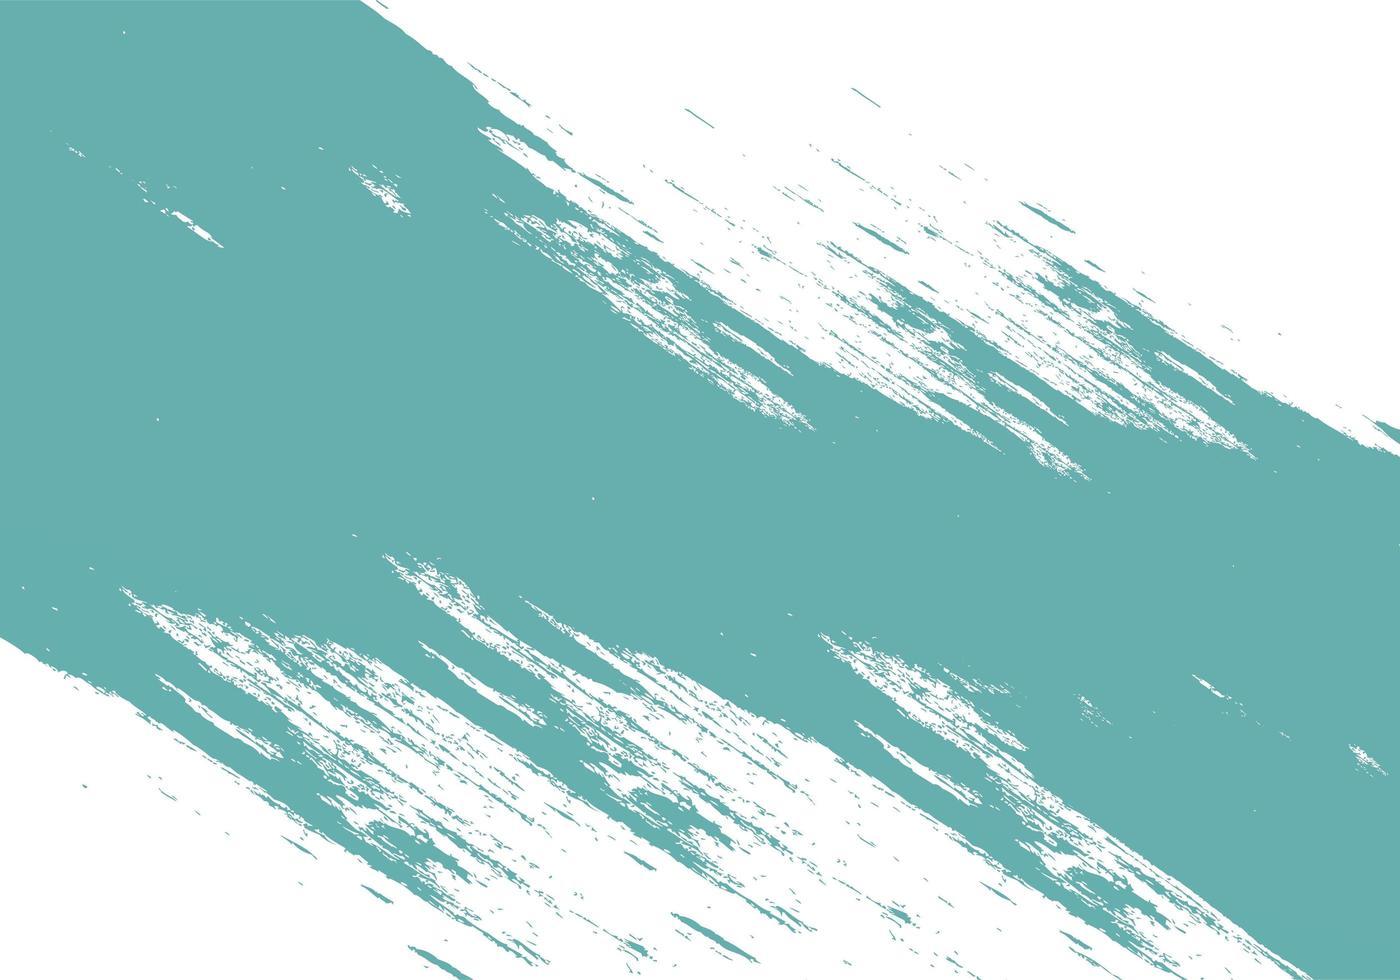 abstracte teal penseelstreek textuur vector